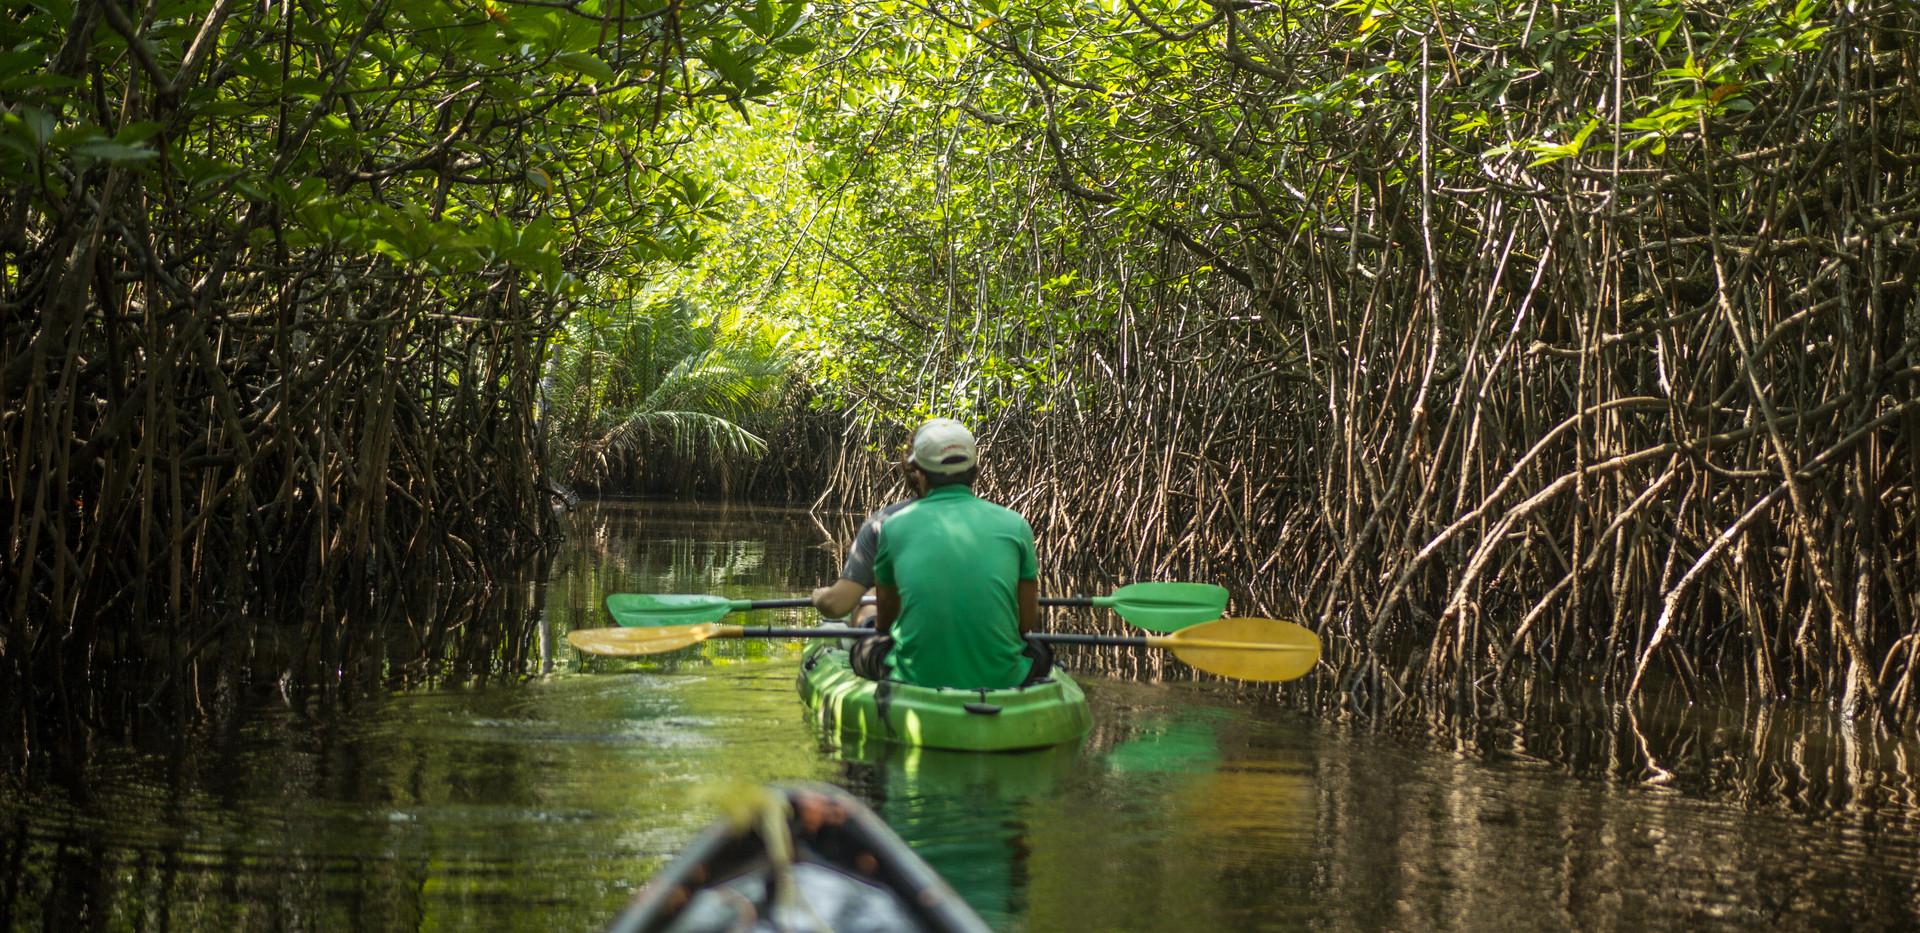 Thailand Yoga Holidays Destination River Resort Mangrove Boat Tour